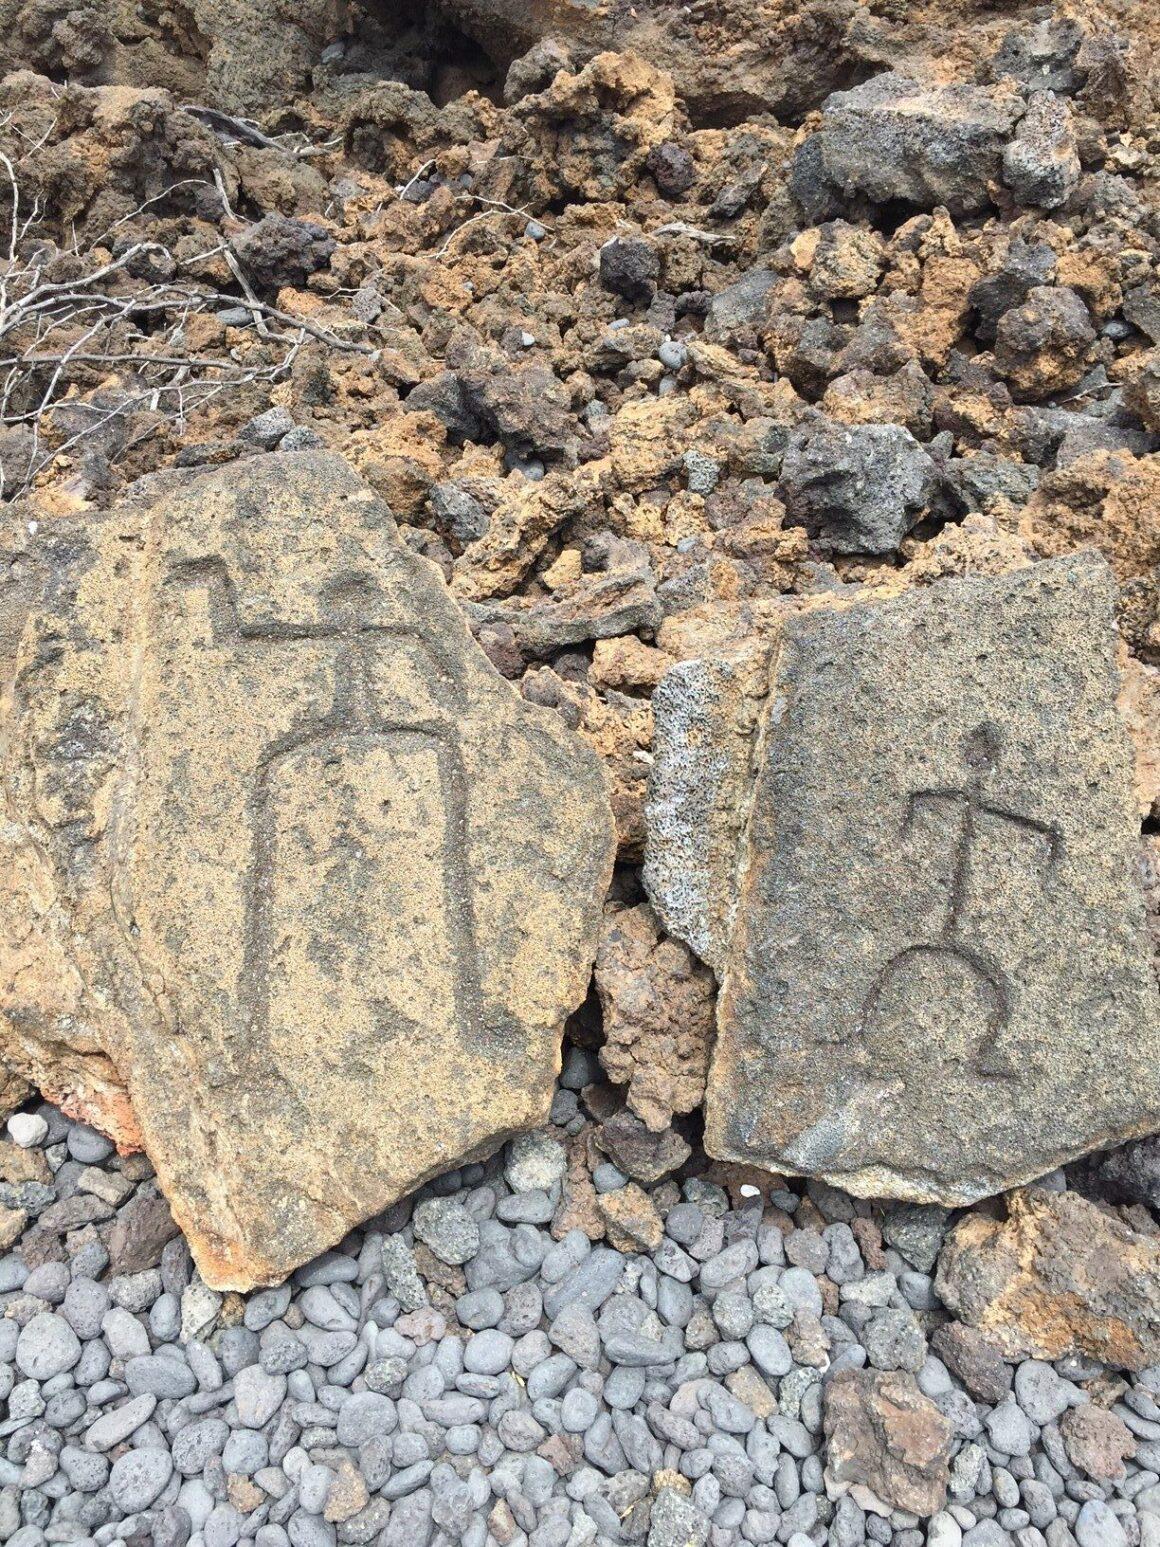 Petroglyph 7 on the Pu'u Loa Petroglyph Trail